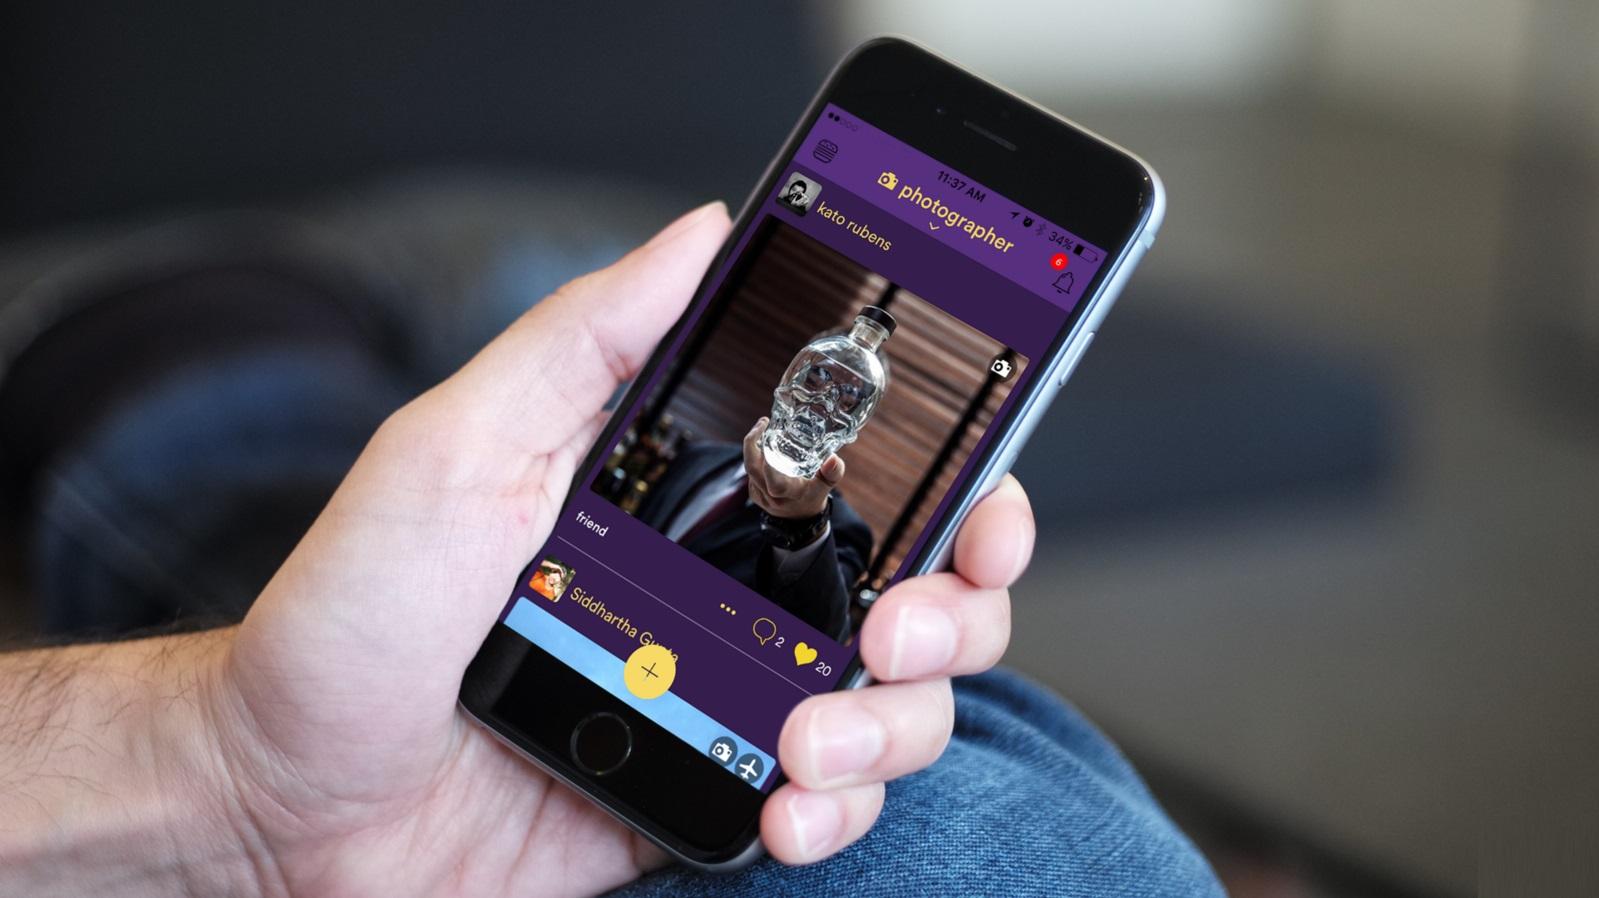 Tela de um smartphone rodando o app Hello